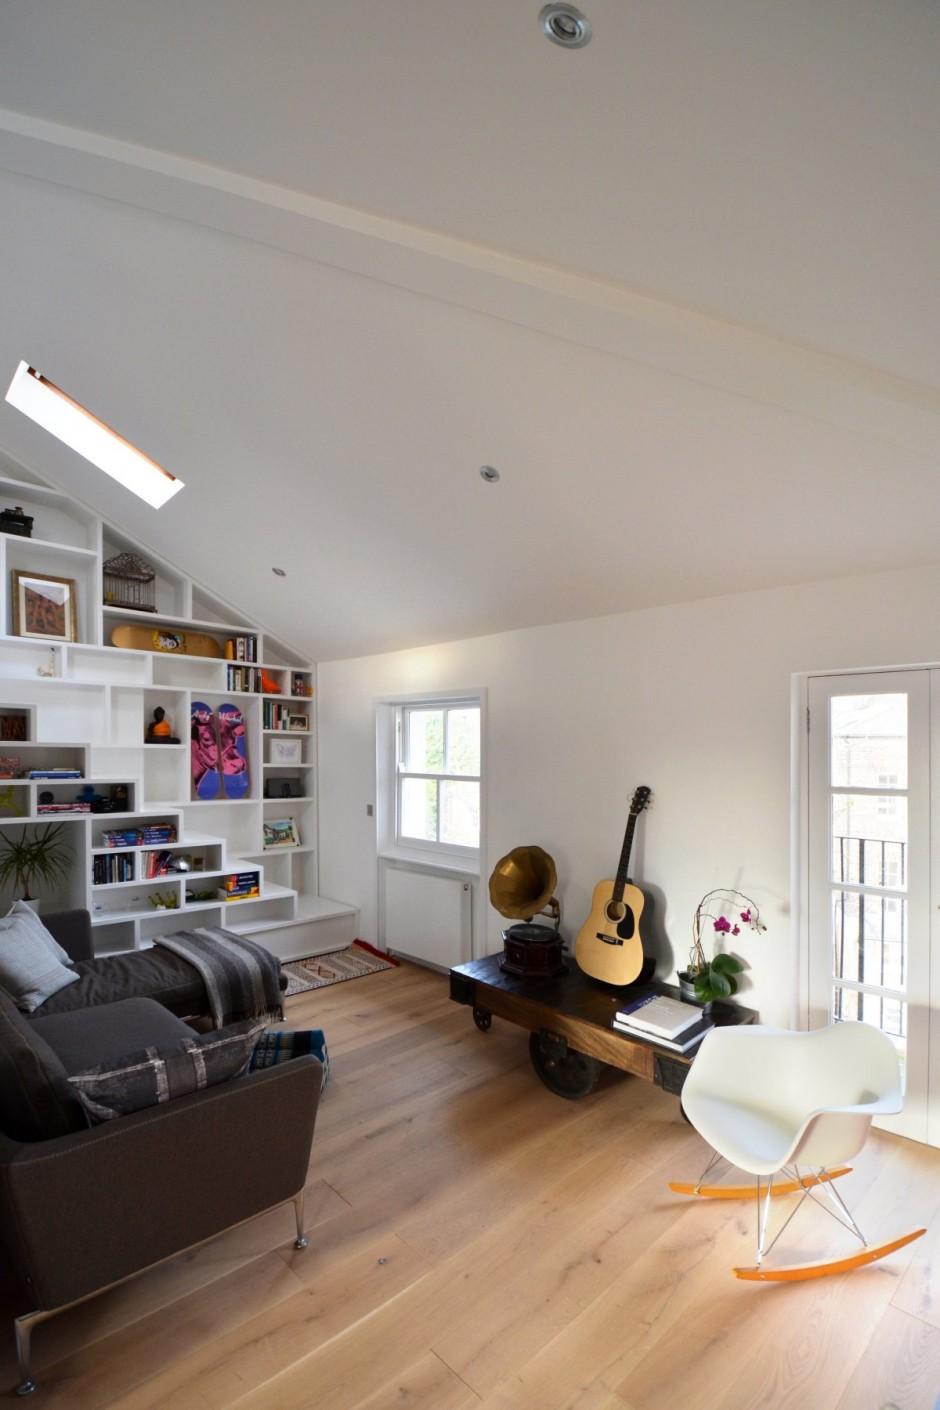 Un piccolo grande loft 4 ambienti in meno di 40 mq for Piccolo design di casa